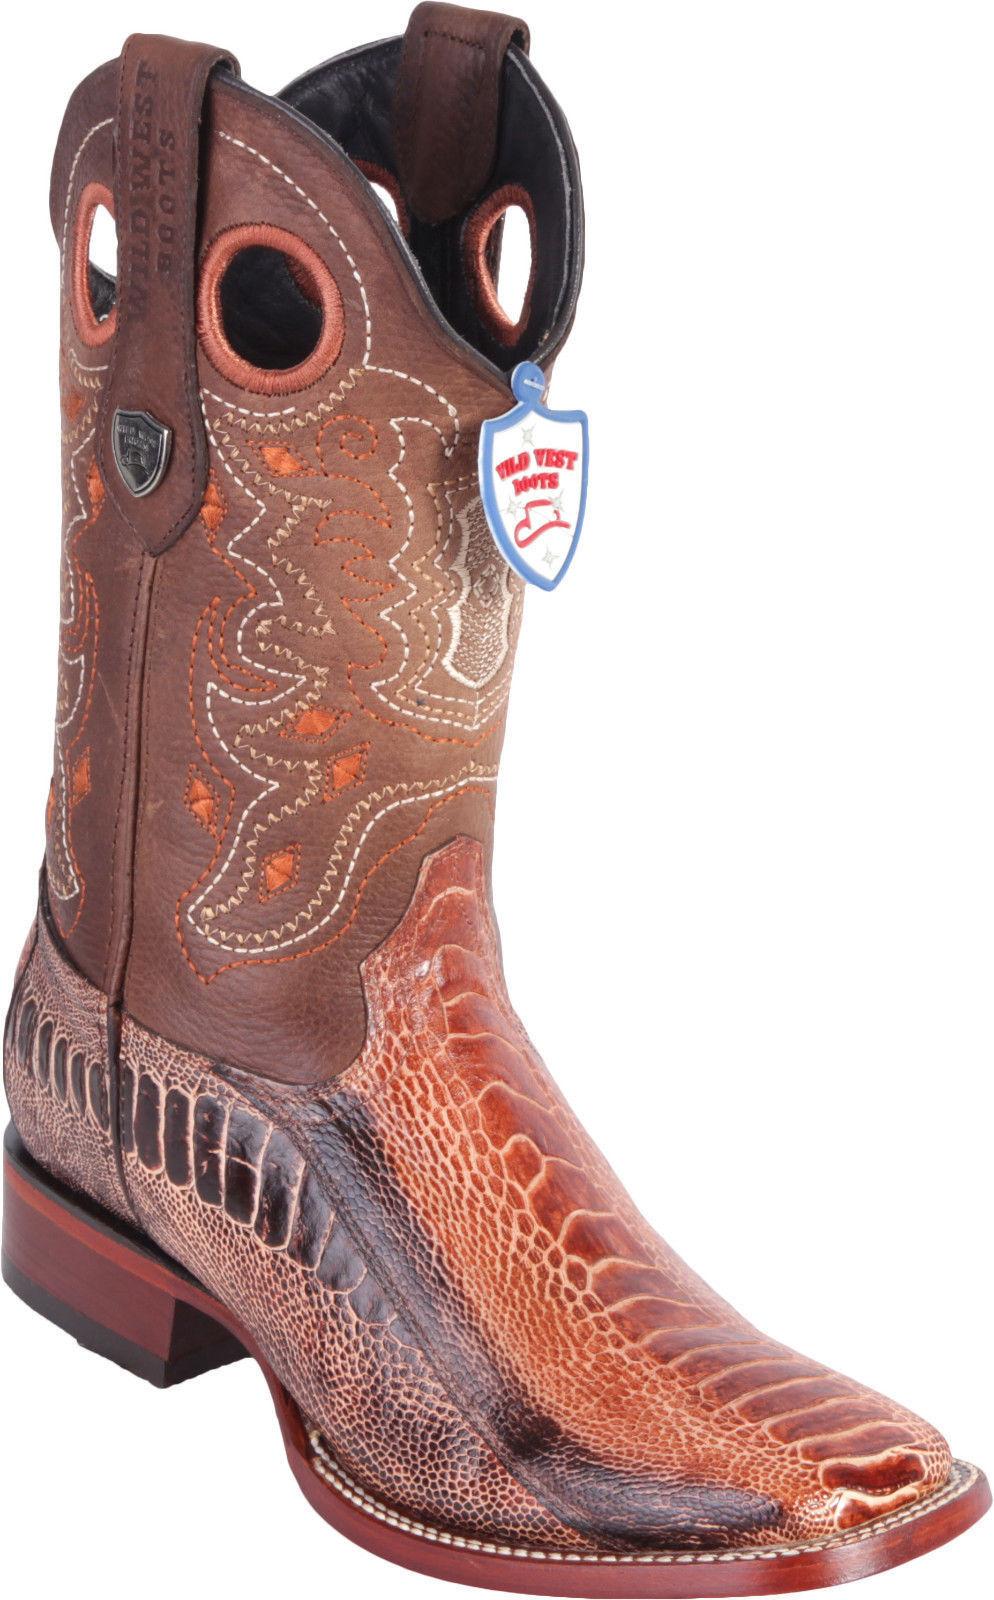 prezzo all'ingrosso e qualità affidabile WILD WEST COGNAC GENUINE GENUINE GENUINE OSTRICH LEG COWBOY avvio RANCH-WIDE SQUARE-TOE (D)  benvenuto a scegliere